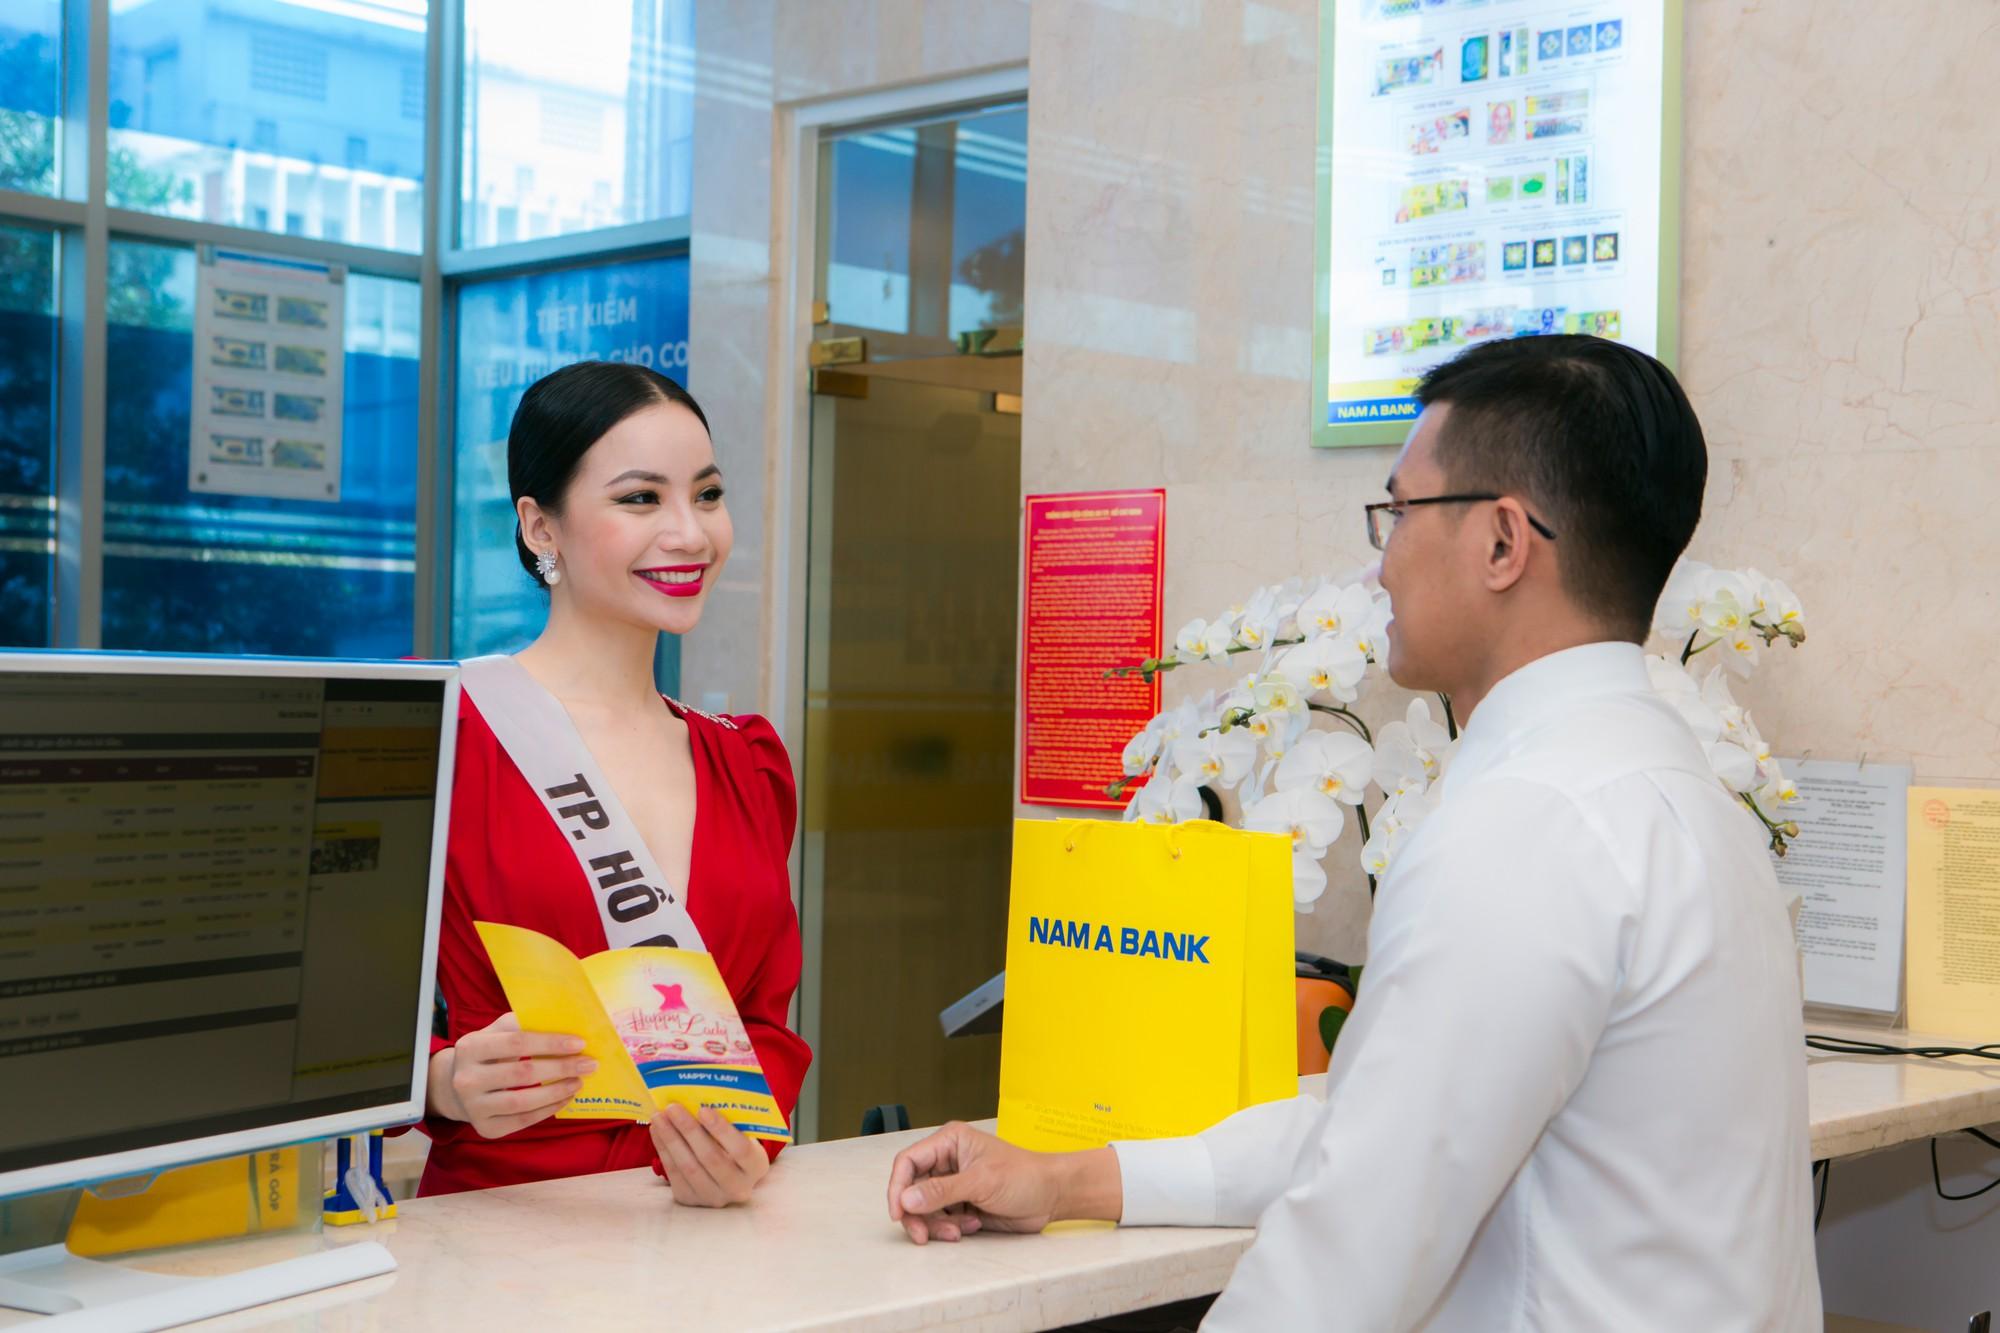 Top 60 Hoa hậu Hoàn vũ Việt Nam 2019 trải nghiệm sản phẩm dịch vụ tài chính hiện đại tại Nam A Bank - Ảnh 2.